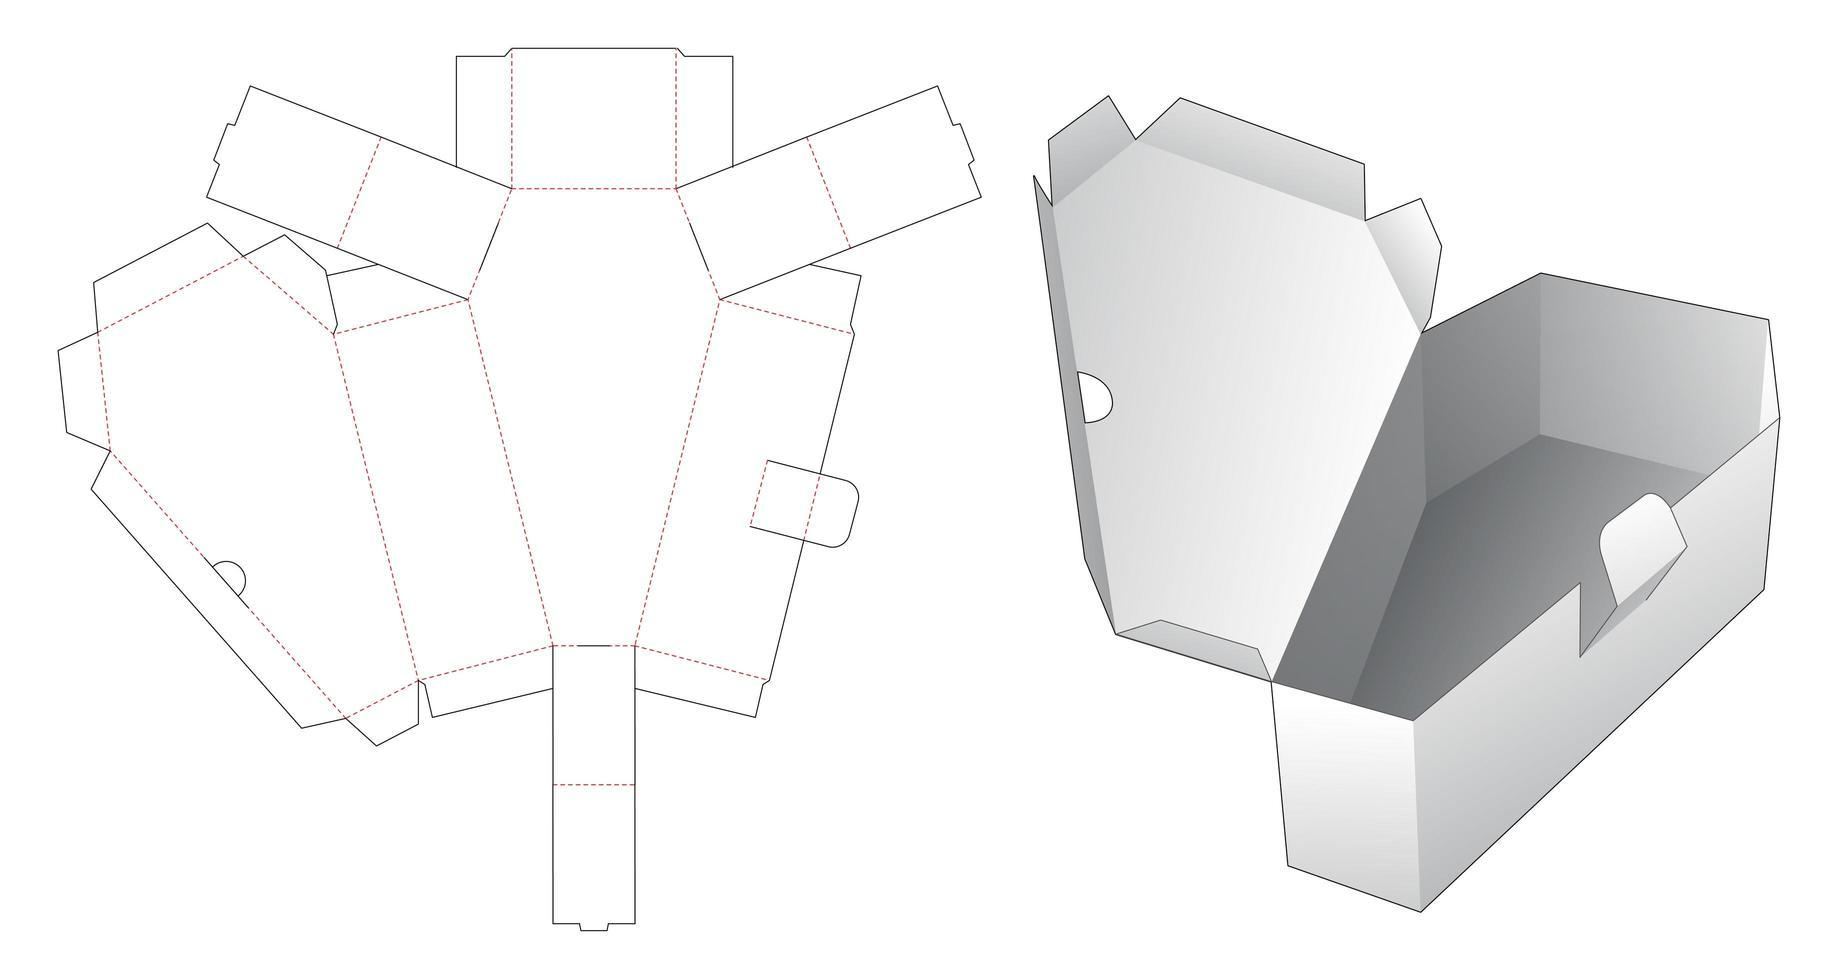 1 Stück Sargschachtel vektor